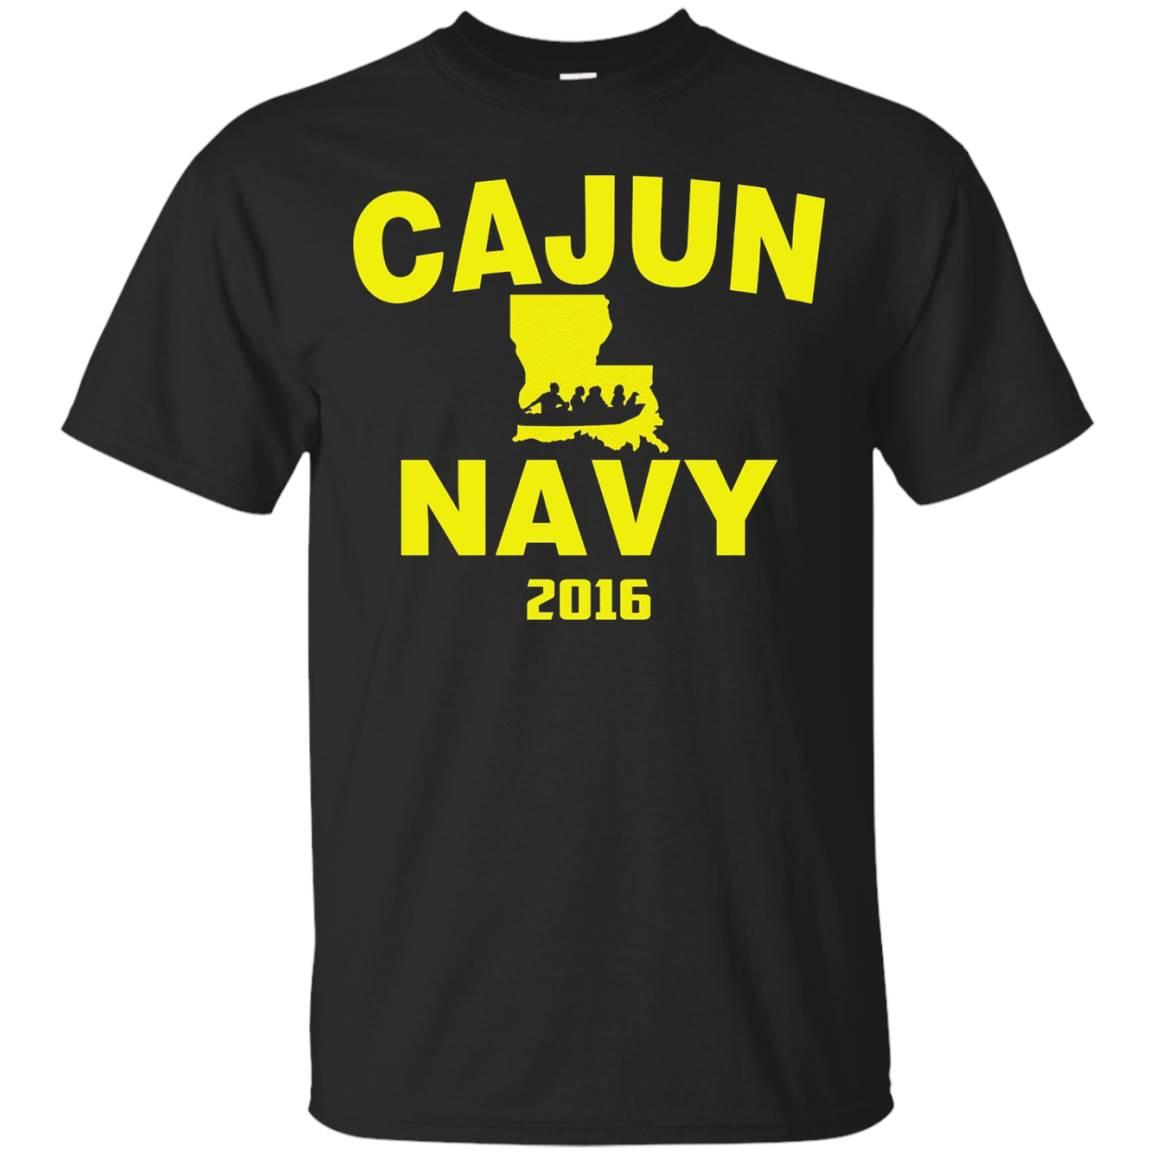 Cajun Navy T-shirt, Louisiana Strong T-Shirt